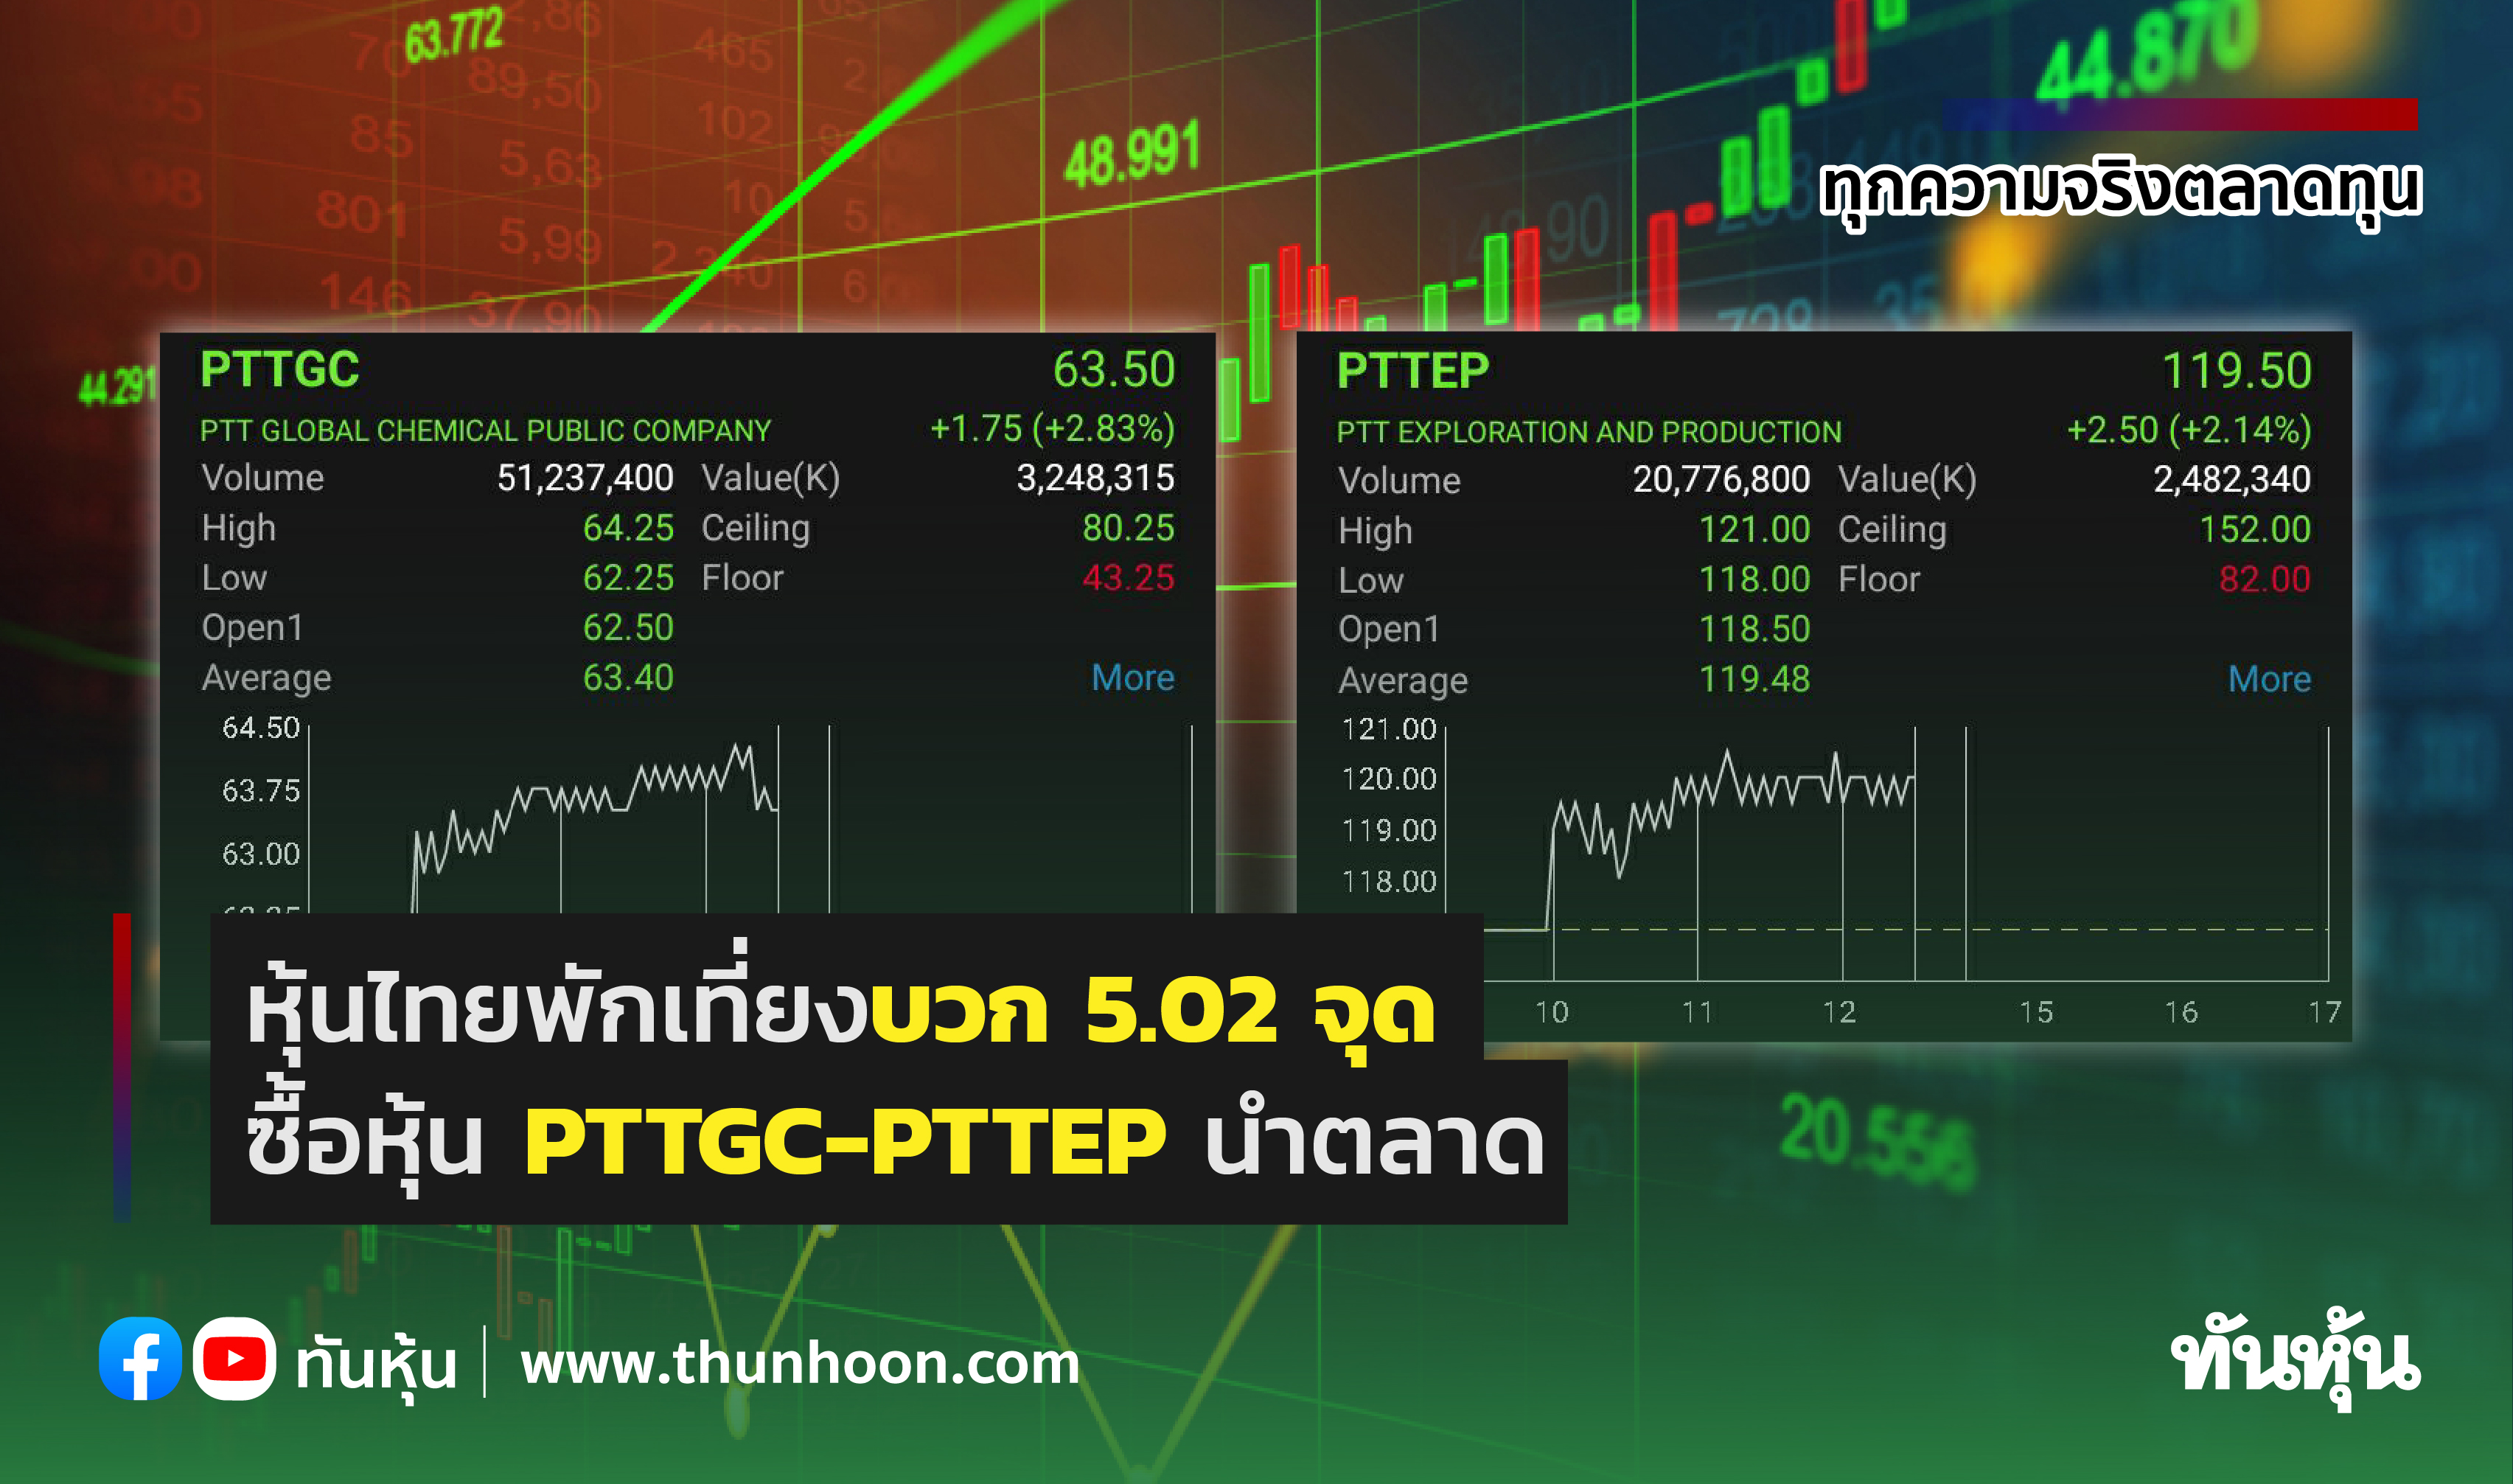 หุ้นไทยพักเที่ยงบวก 5.02 จุด ซื้อหุ้น PTTGC-PTTEP นำตลาด